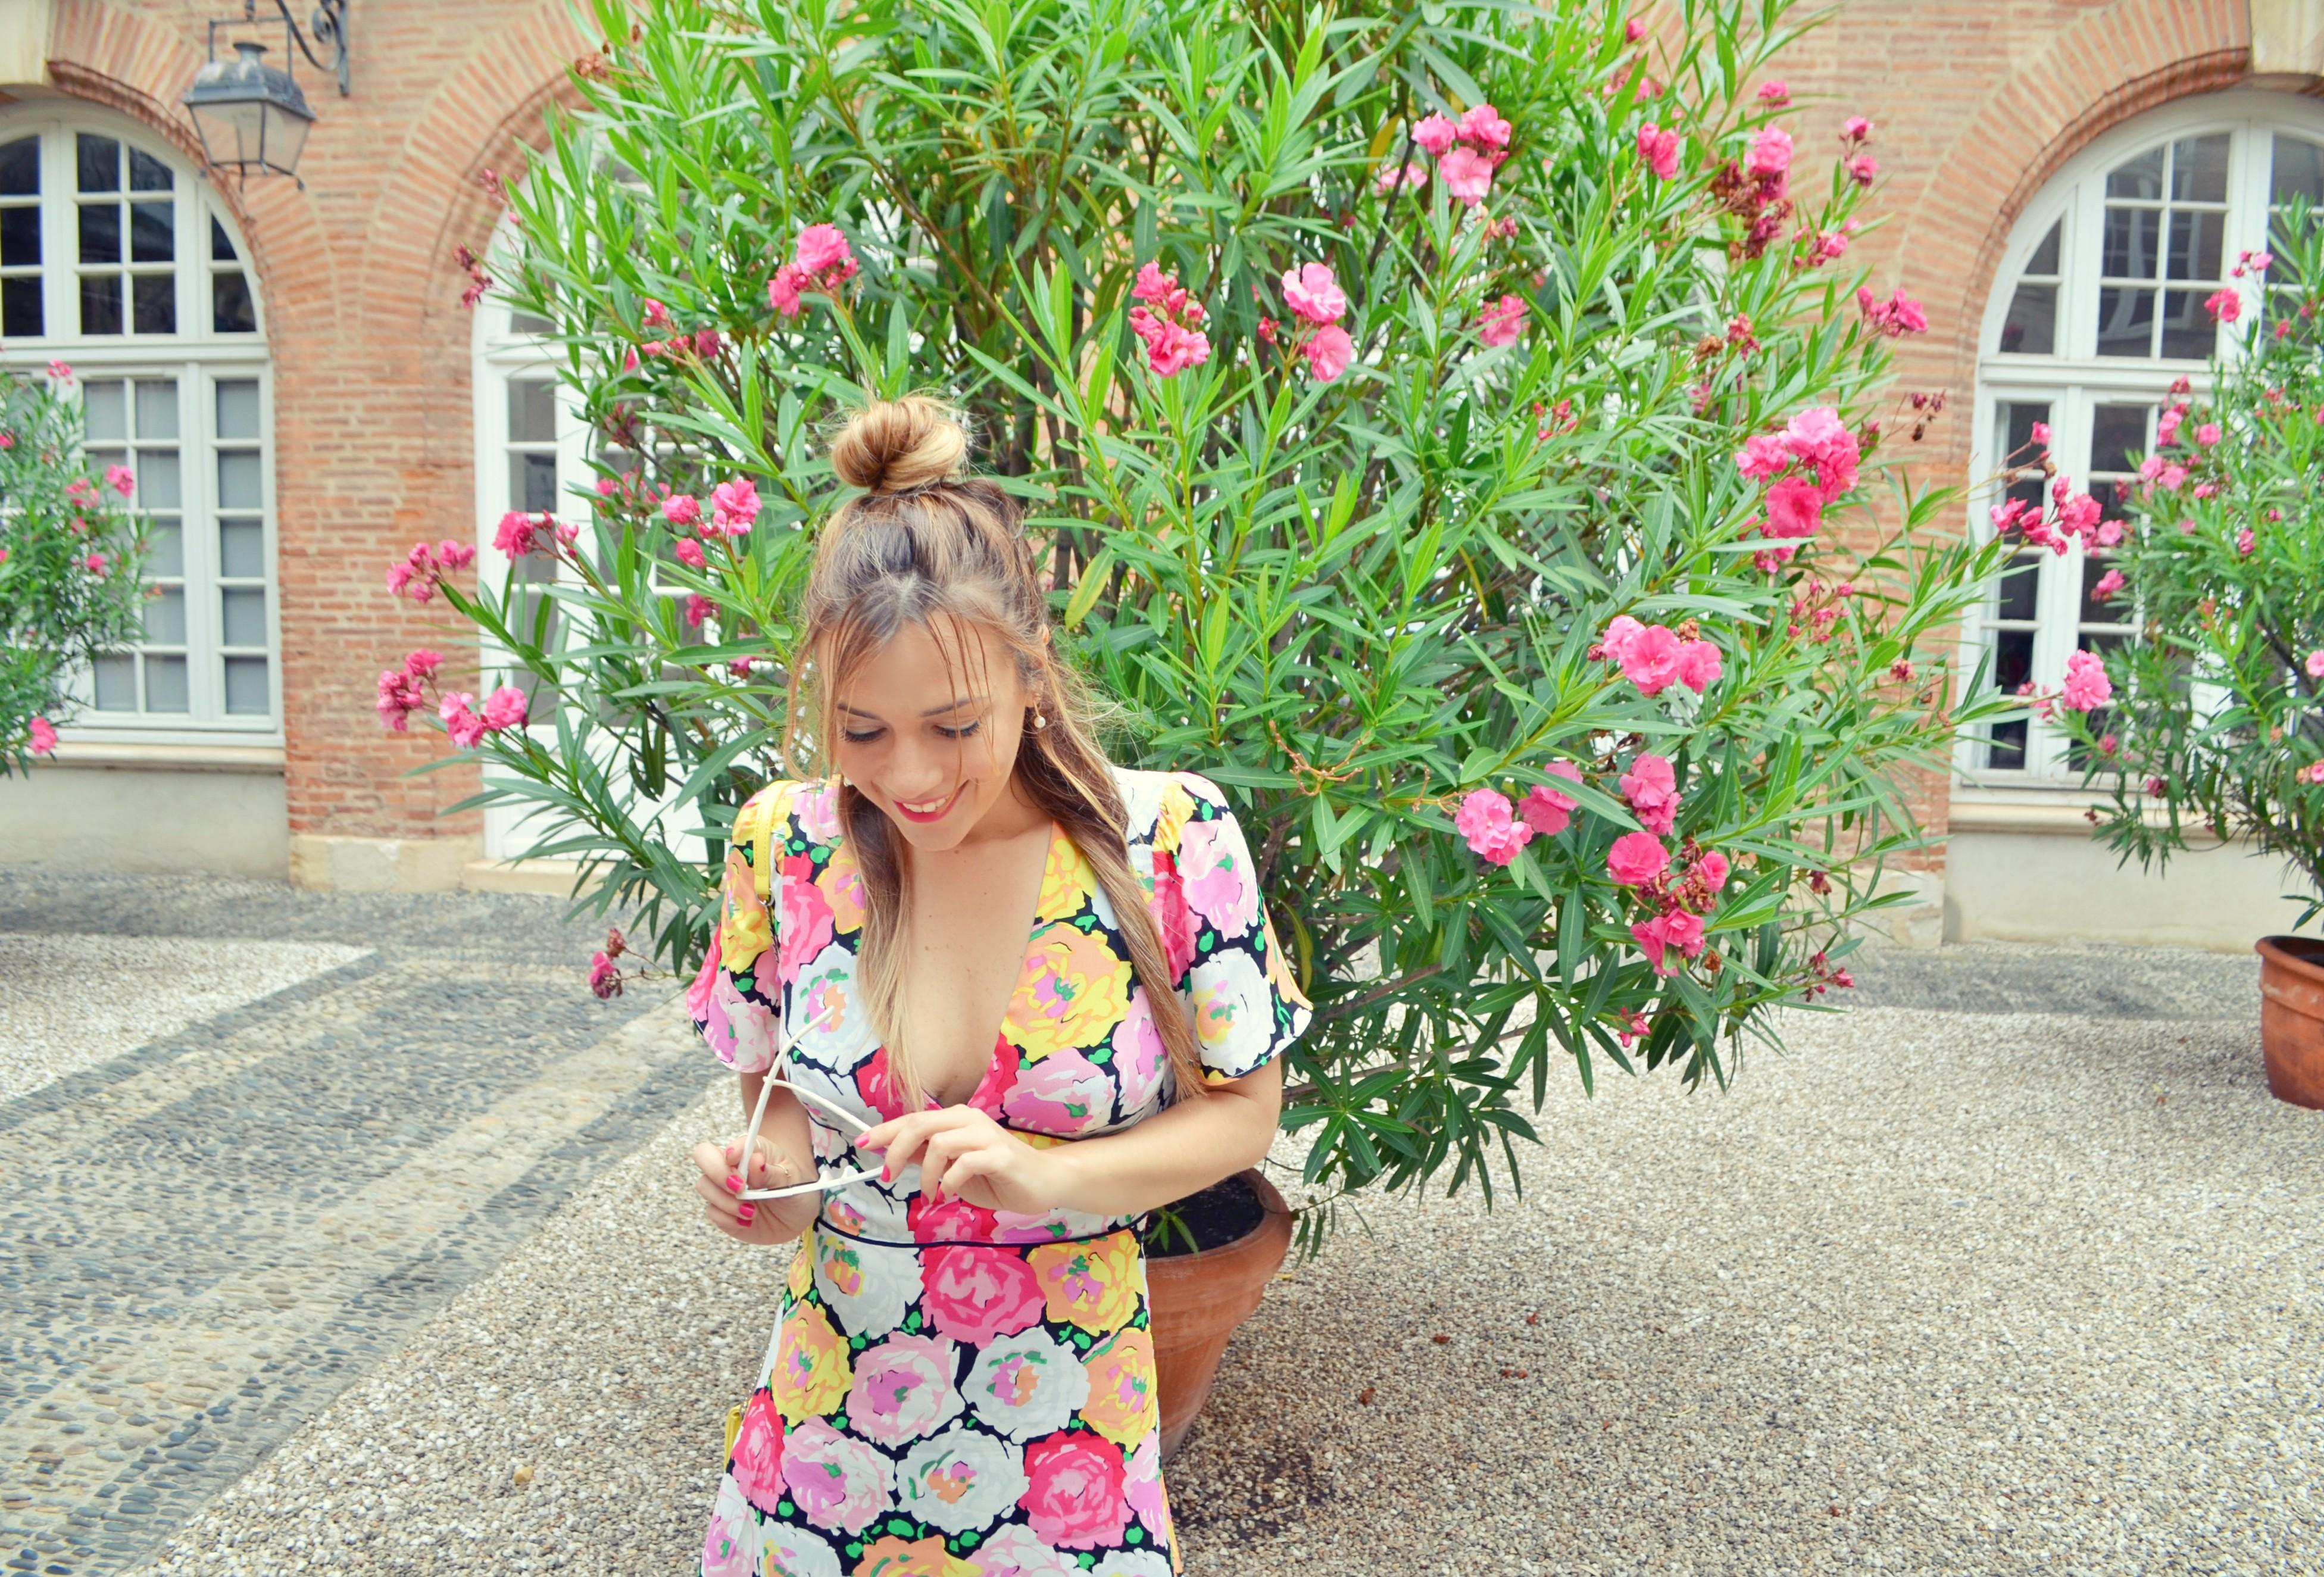 Blog-de-moda-vestido-de-flores-look-de-entretiempo-fashion-travel-ChicAdicta-influencer-Chic-Adicta-Zara-style-PiensaenChic-Piensa-en-Chic